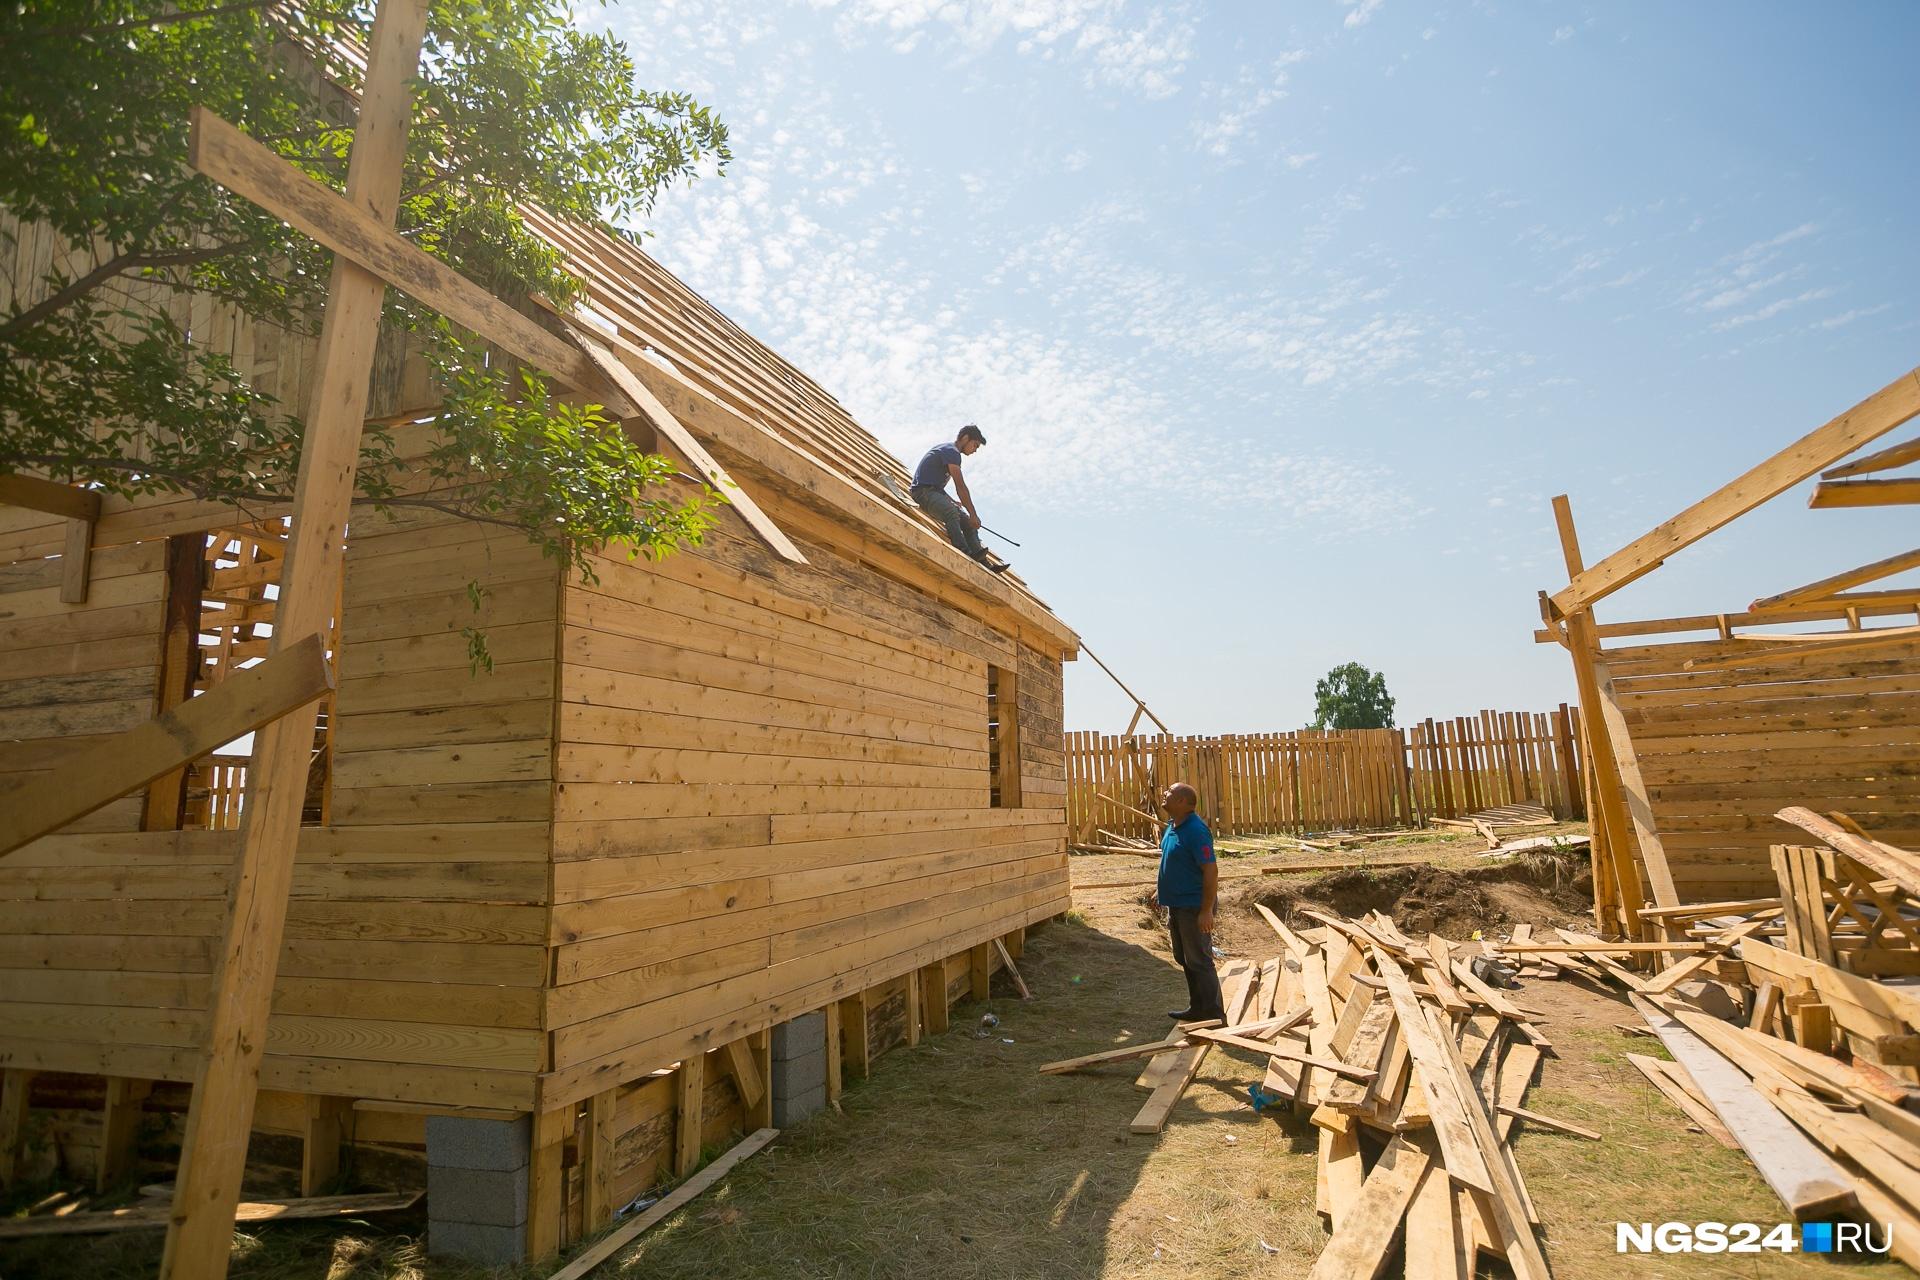 Фундамент цыгане планировали залить следующим летом